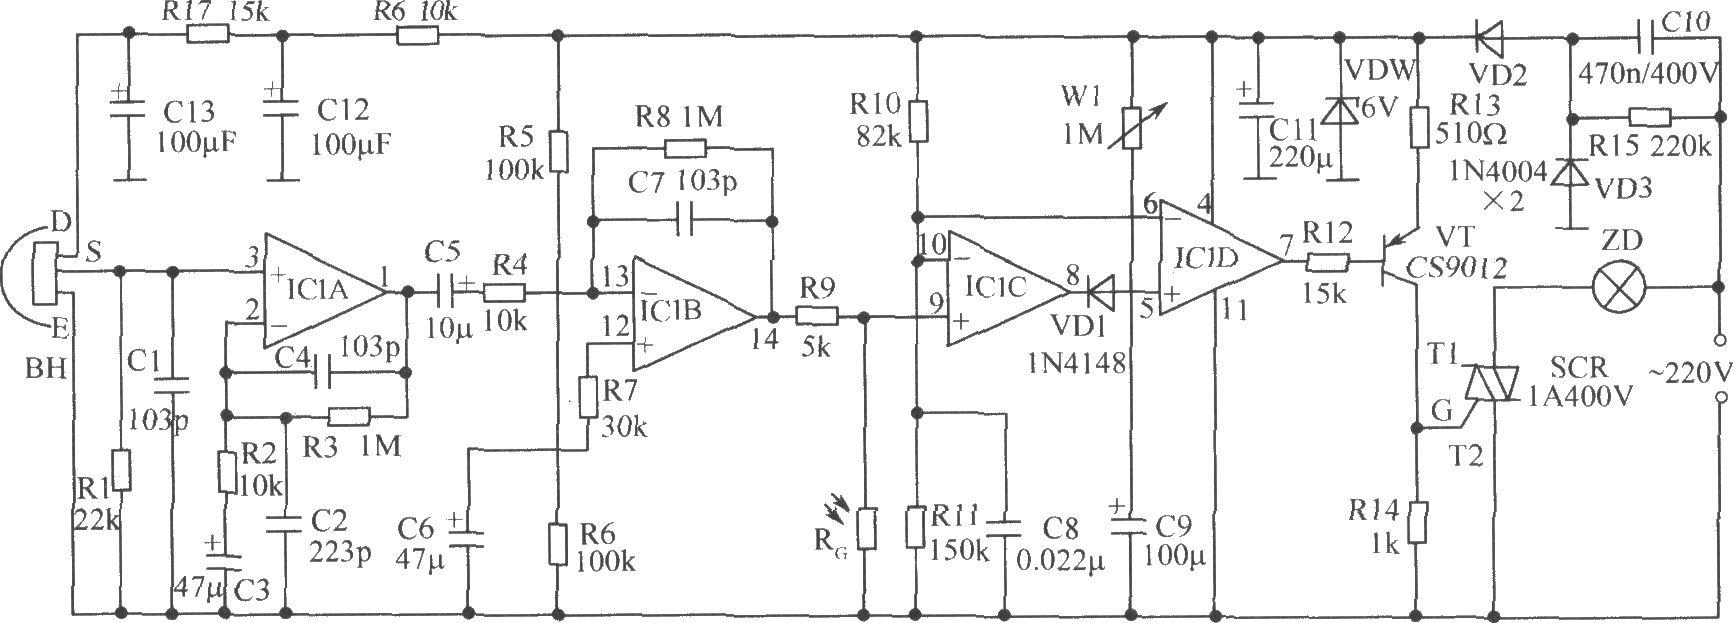 ic1为四运算放大器lm324,传感器bh为rs03,若选用其他类型的传感器时应